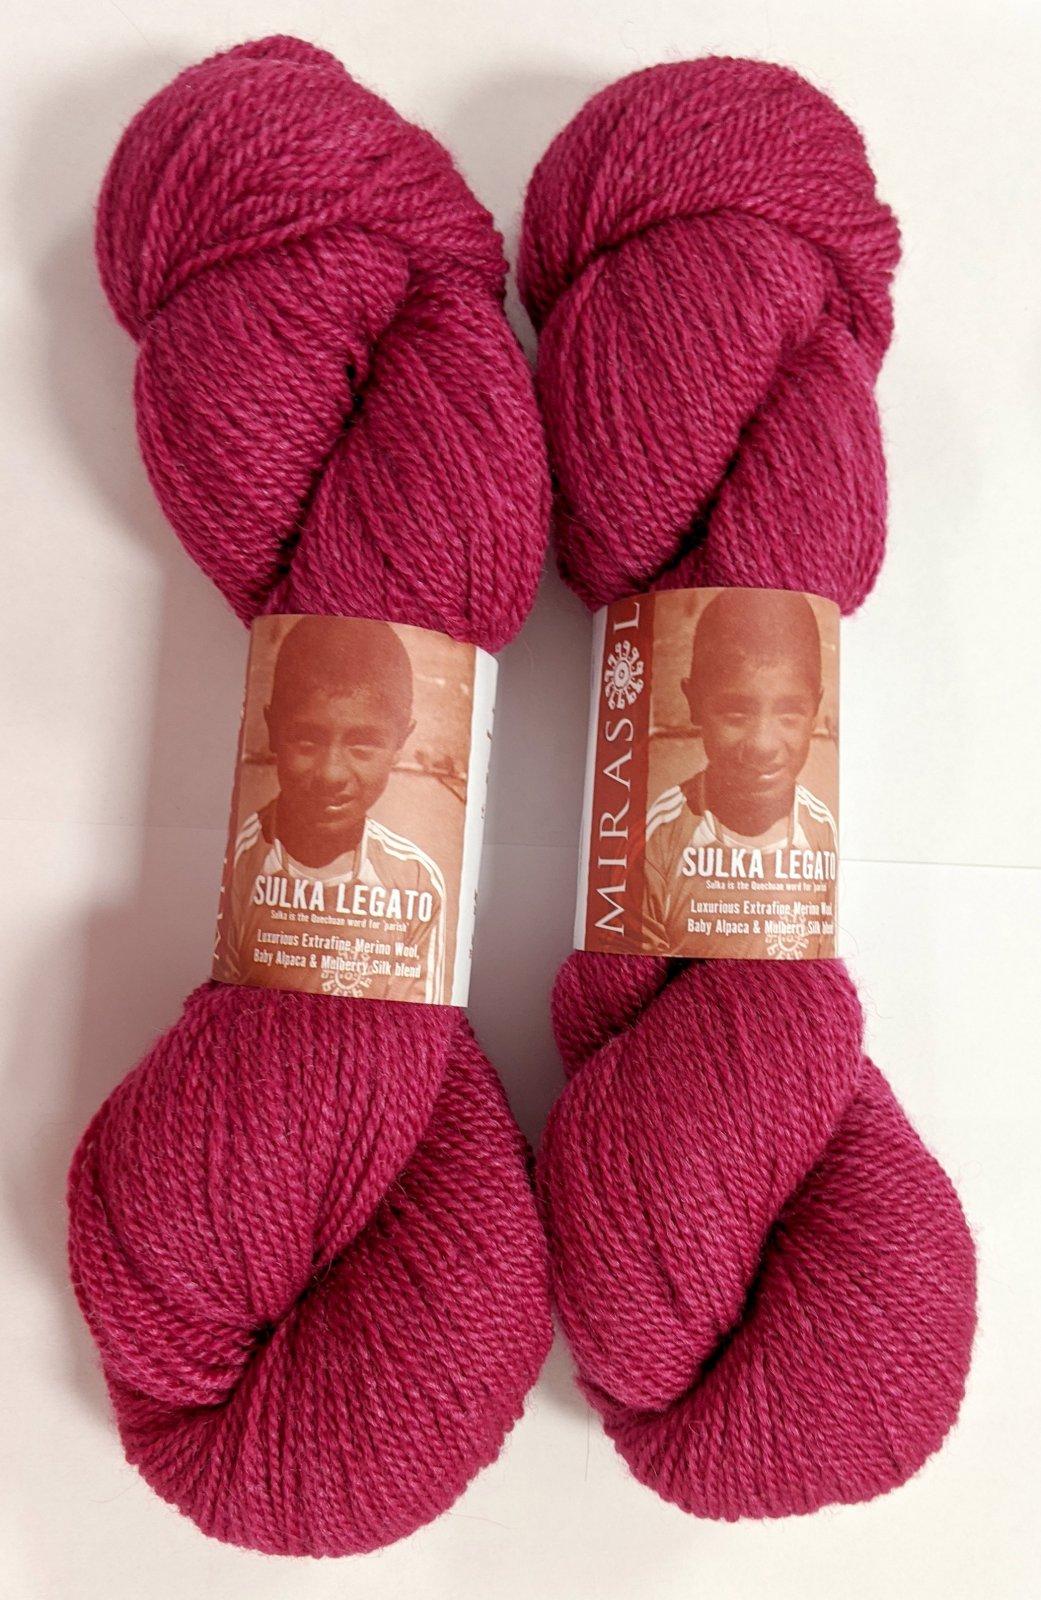 Mirasol Sulka Legato Yarn - #45 Geranium